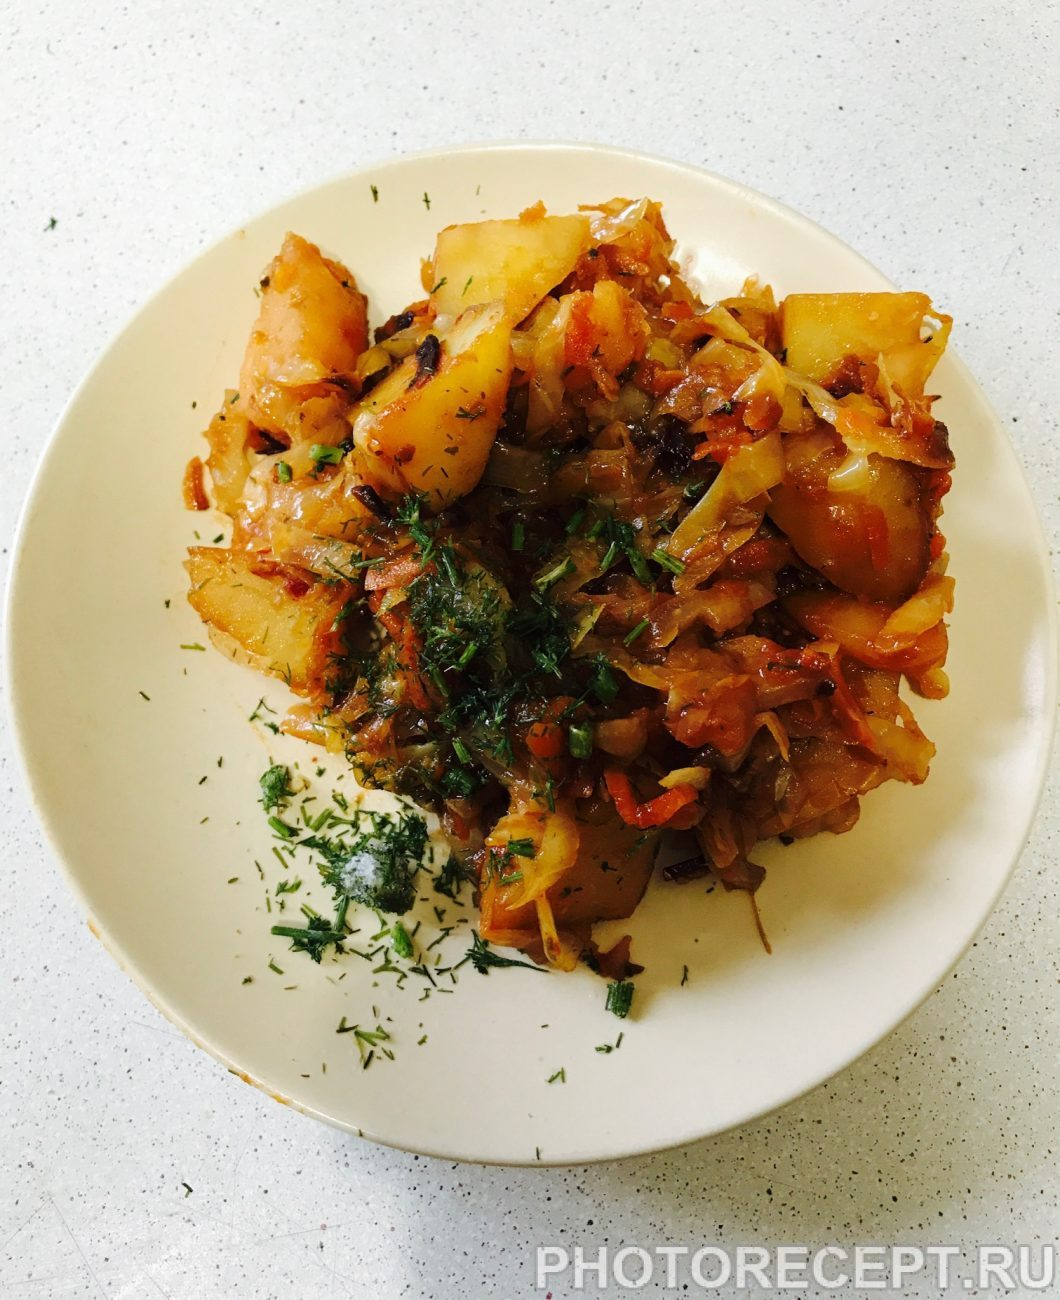 Тушеная капуста в сковороде с картошкой рецепт пошагово в